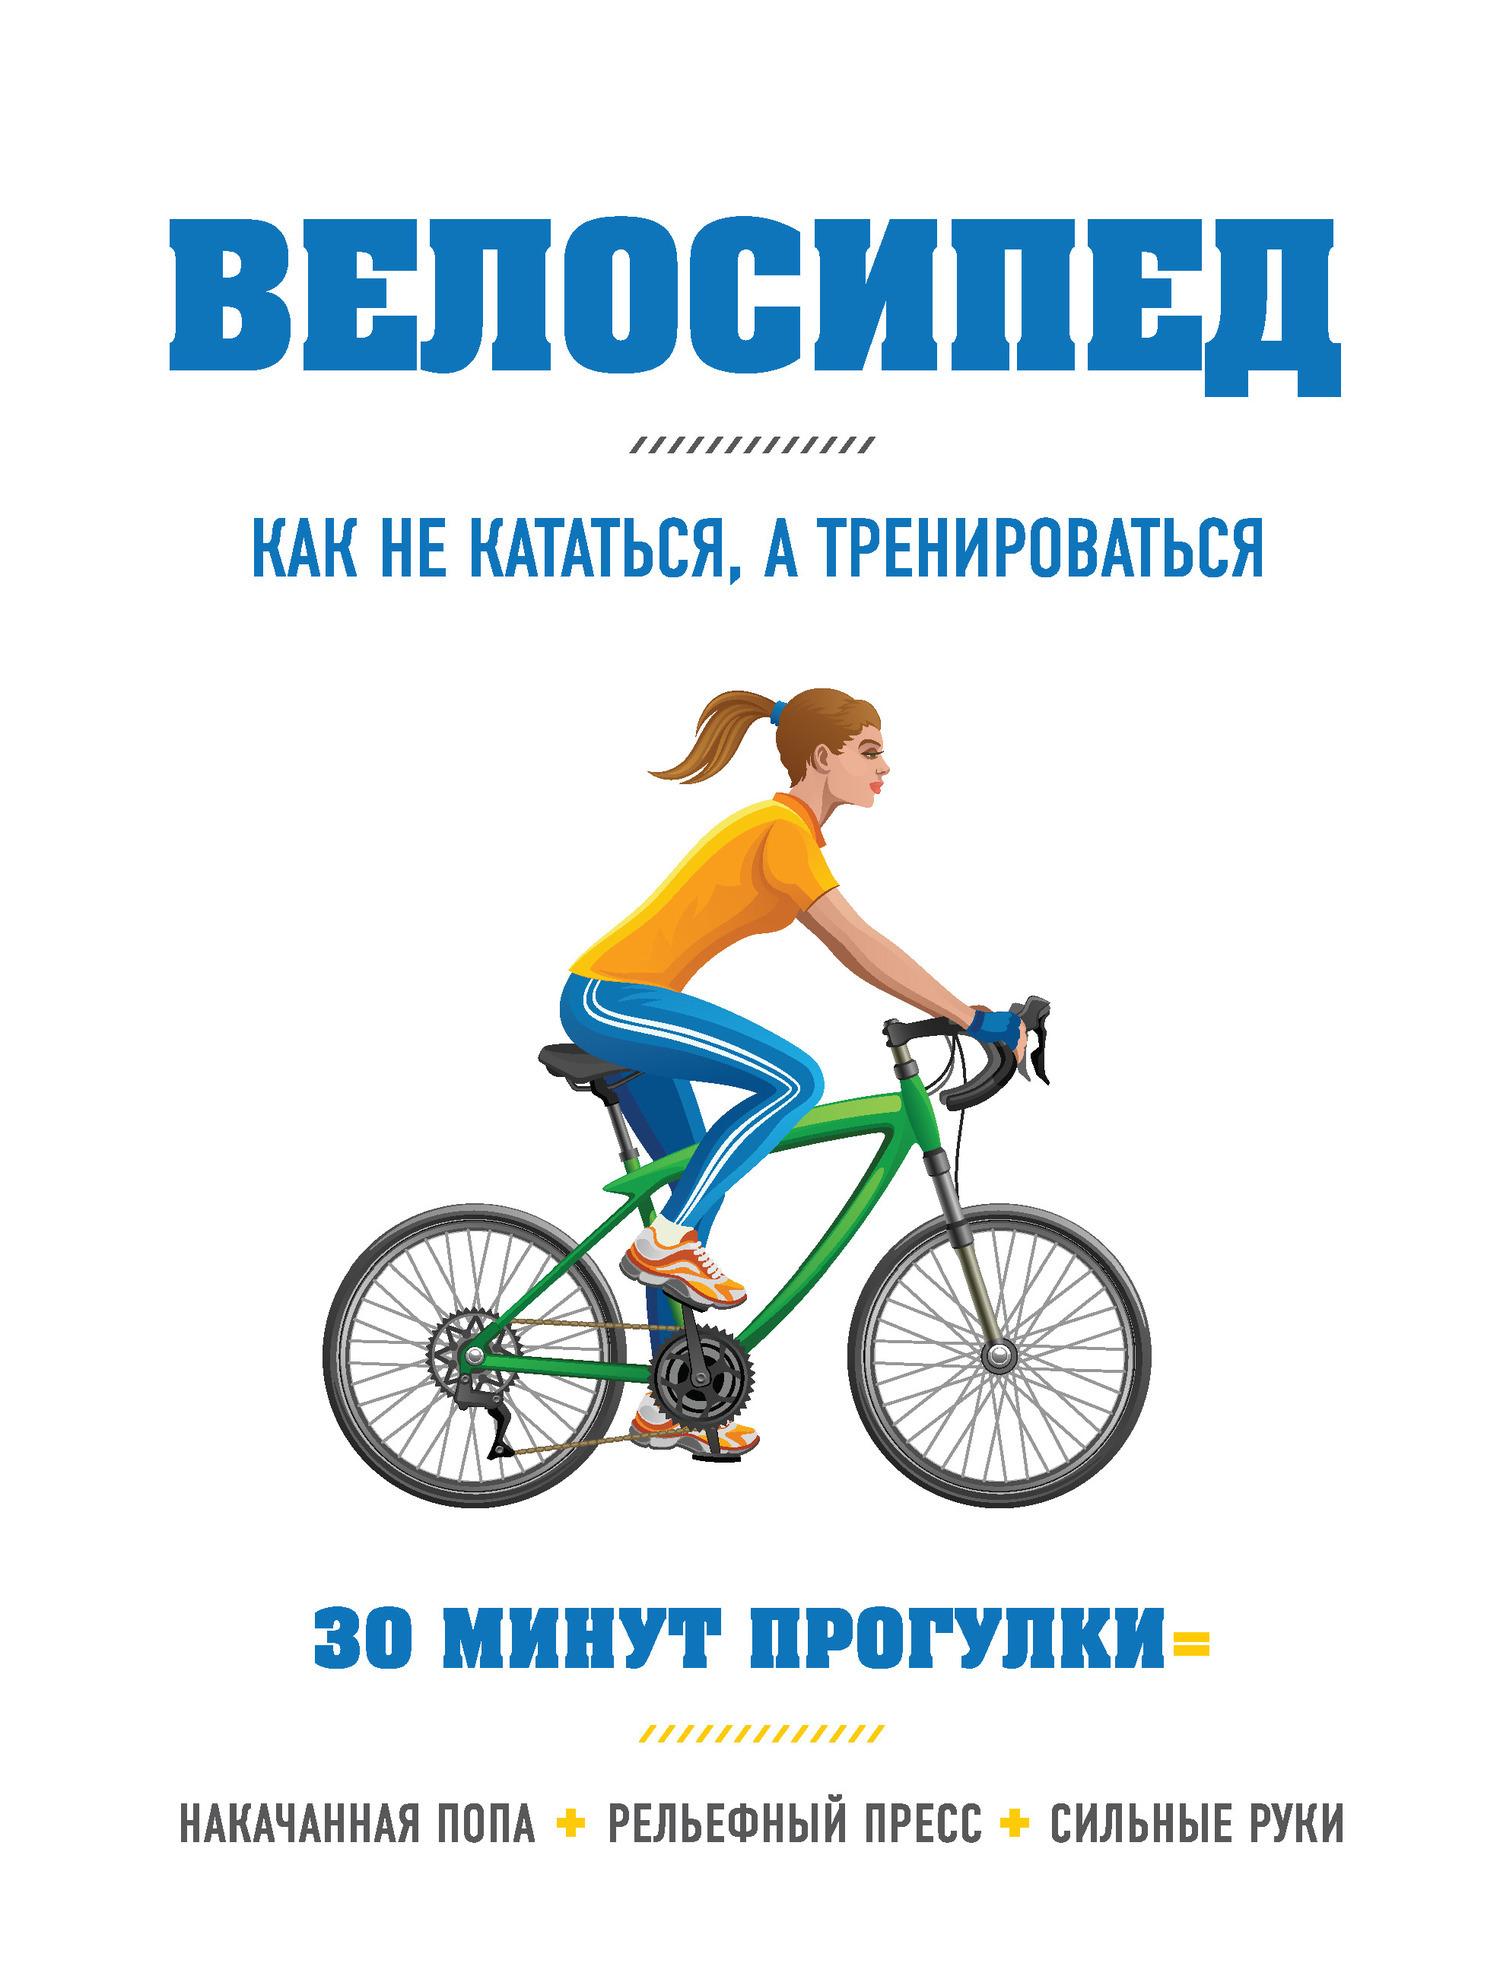 Бен Хьюитт - Велосипед: как не кататься, а тренироваться